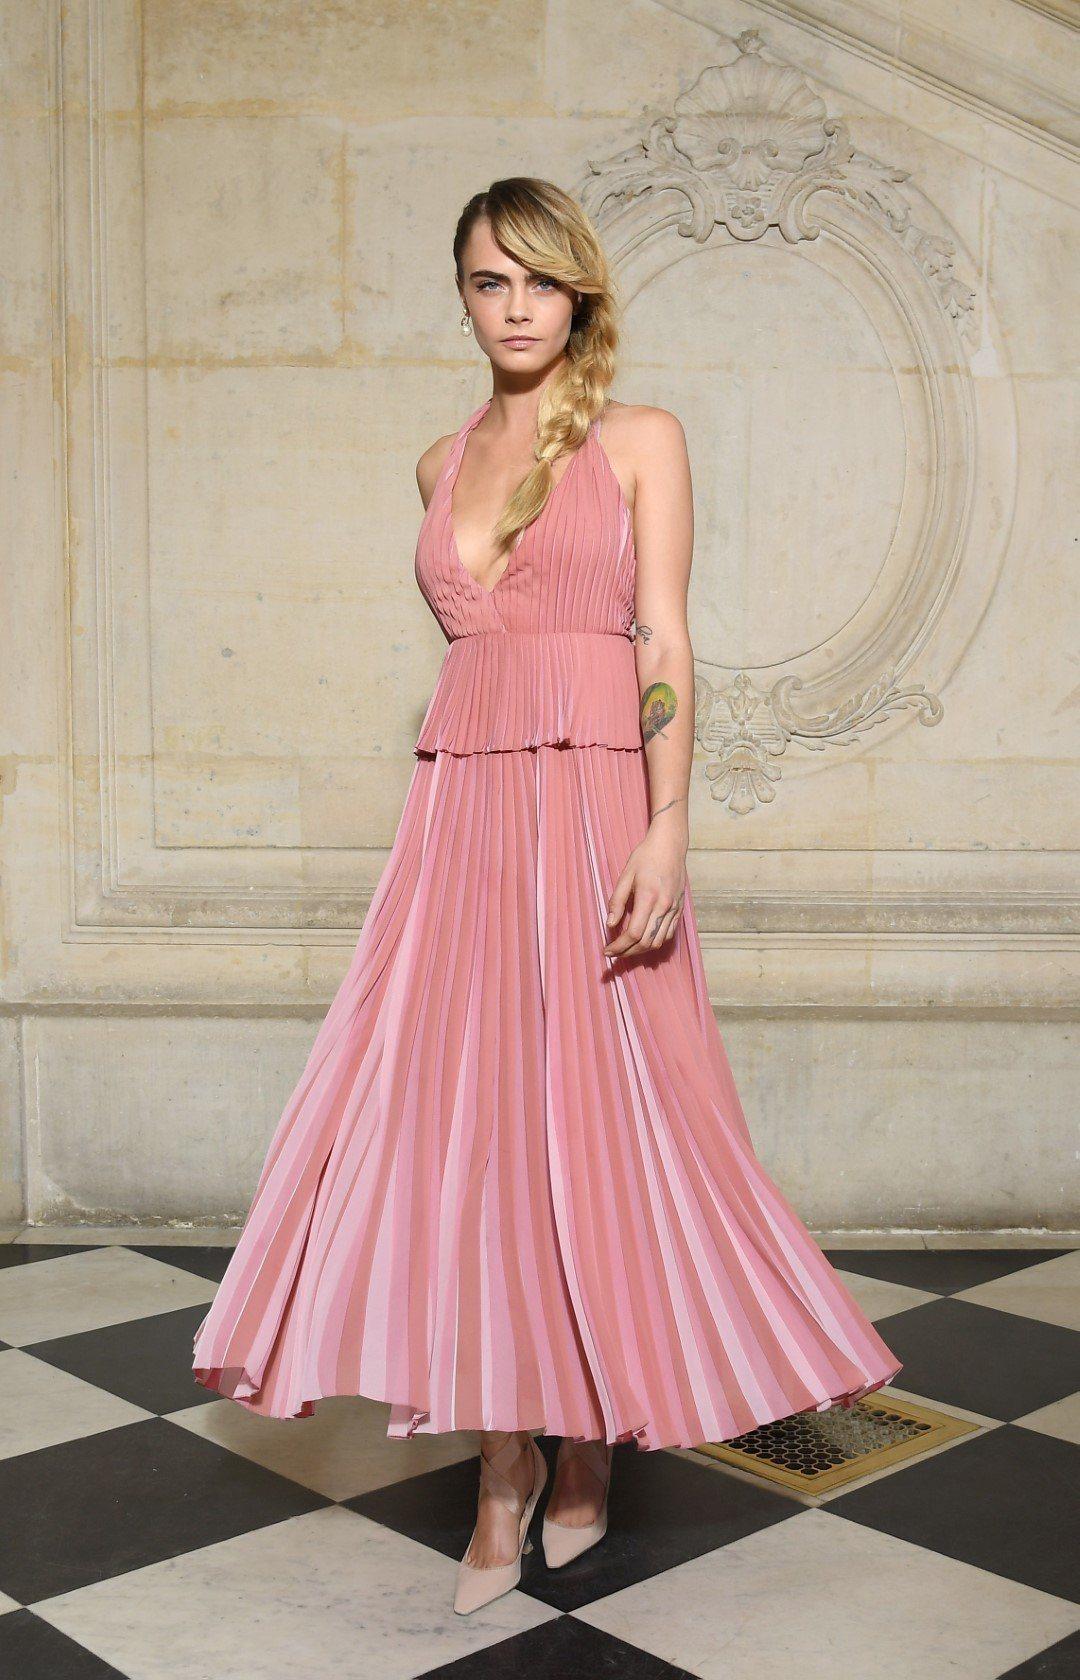 超模卡拉迪樂芬妮身上的粉紅色洋裝也是來自2019秋冬系列。圖/DIOR提供